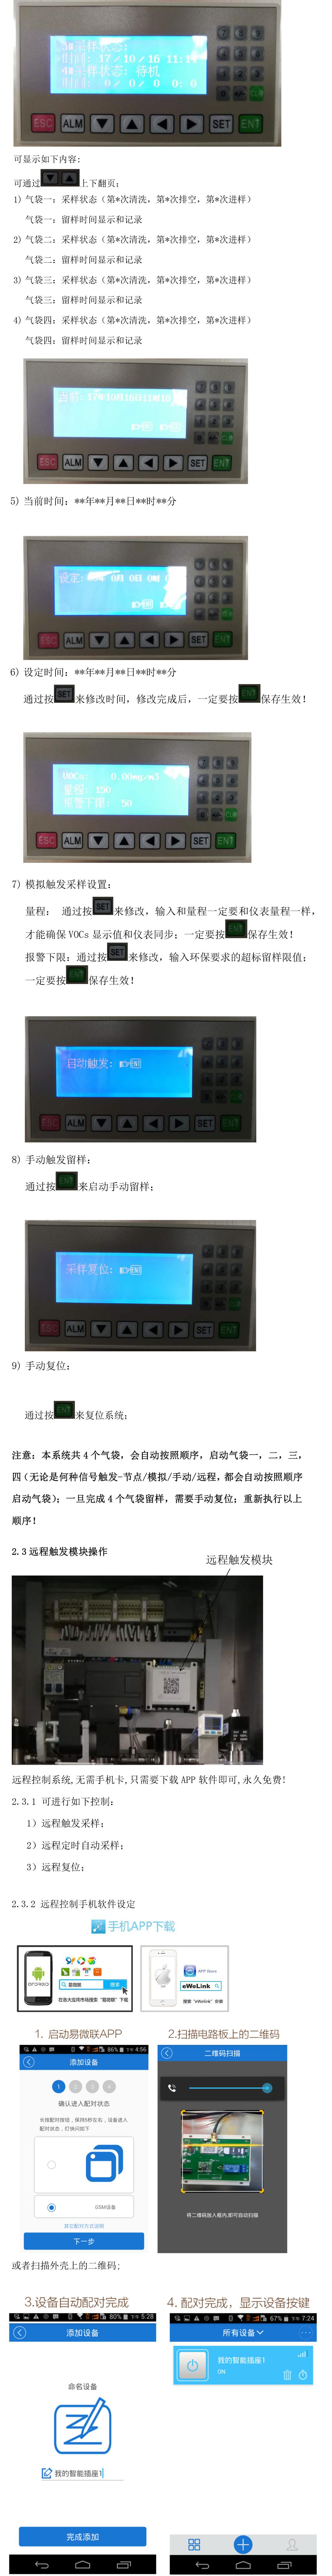 超标留样系统ERS-8000-2